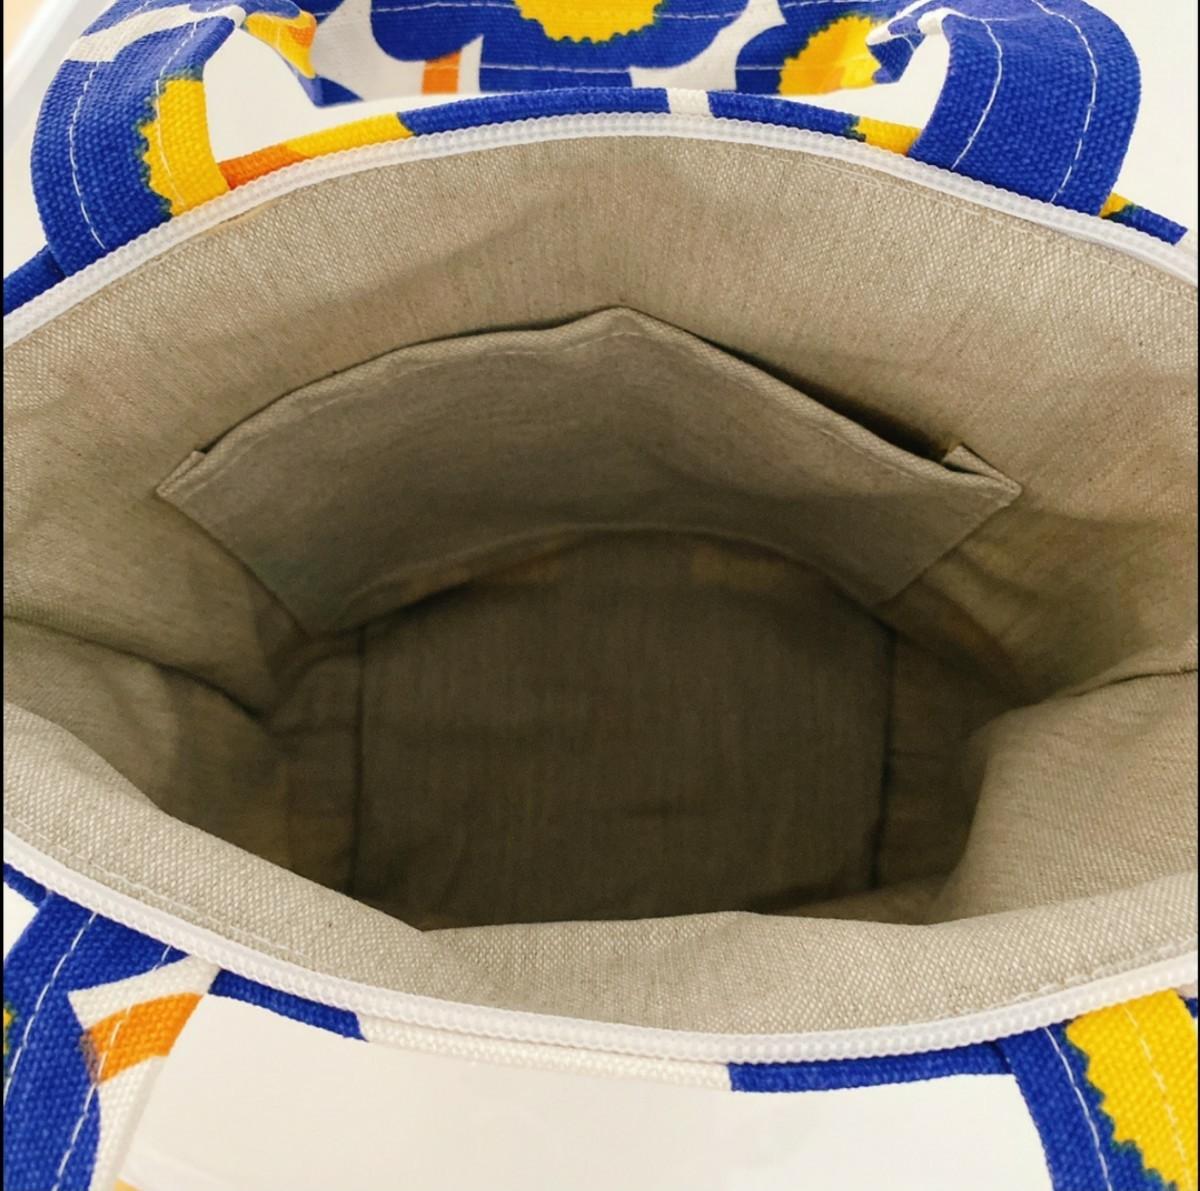 ミニ トートバッグ 花柄 ブルー ウニッコ サブ サイド カラフル 新品未使用